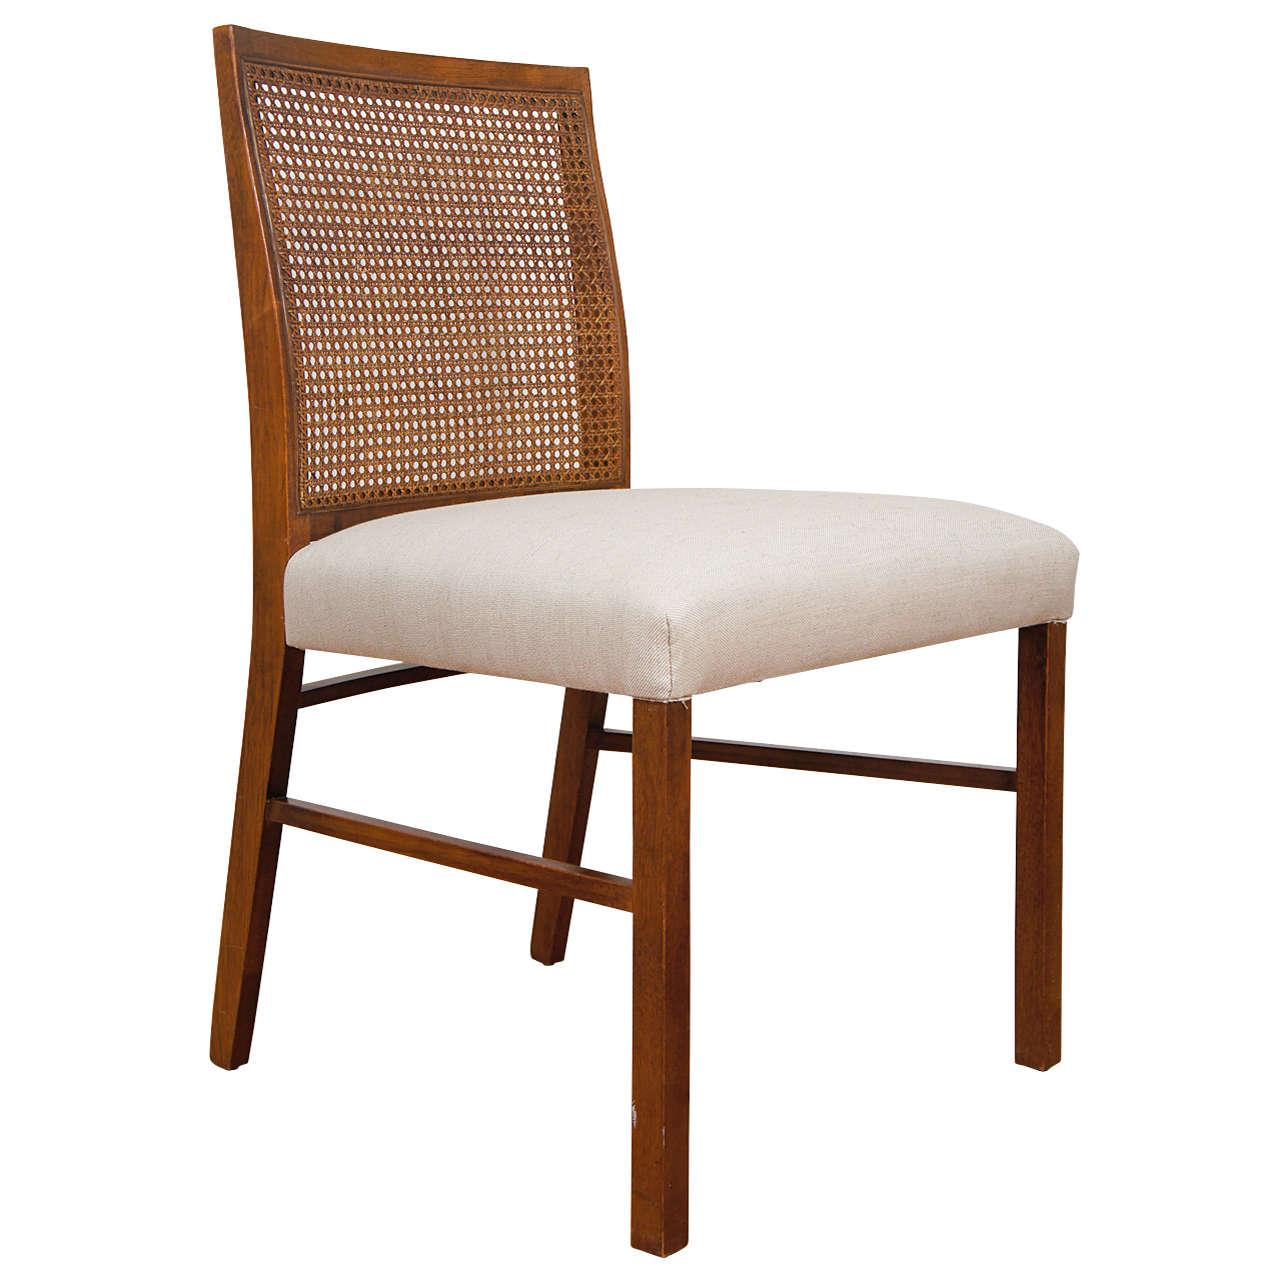 Bernhardt Antique Furniture Images